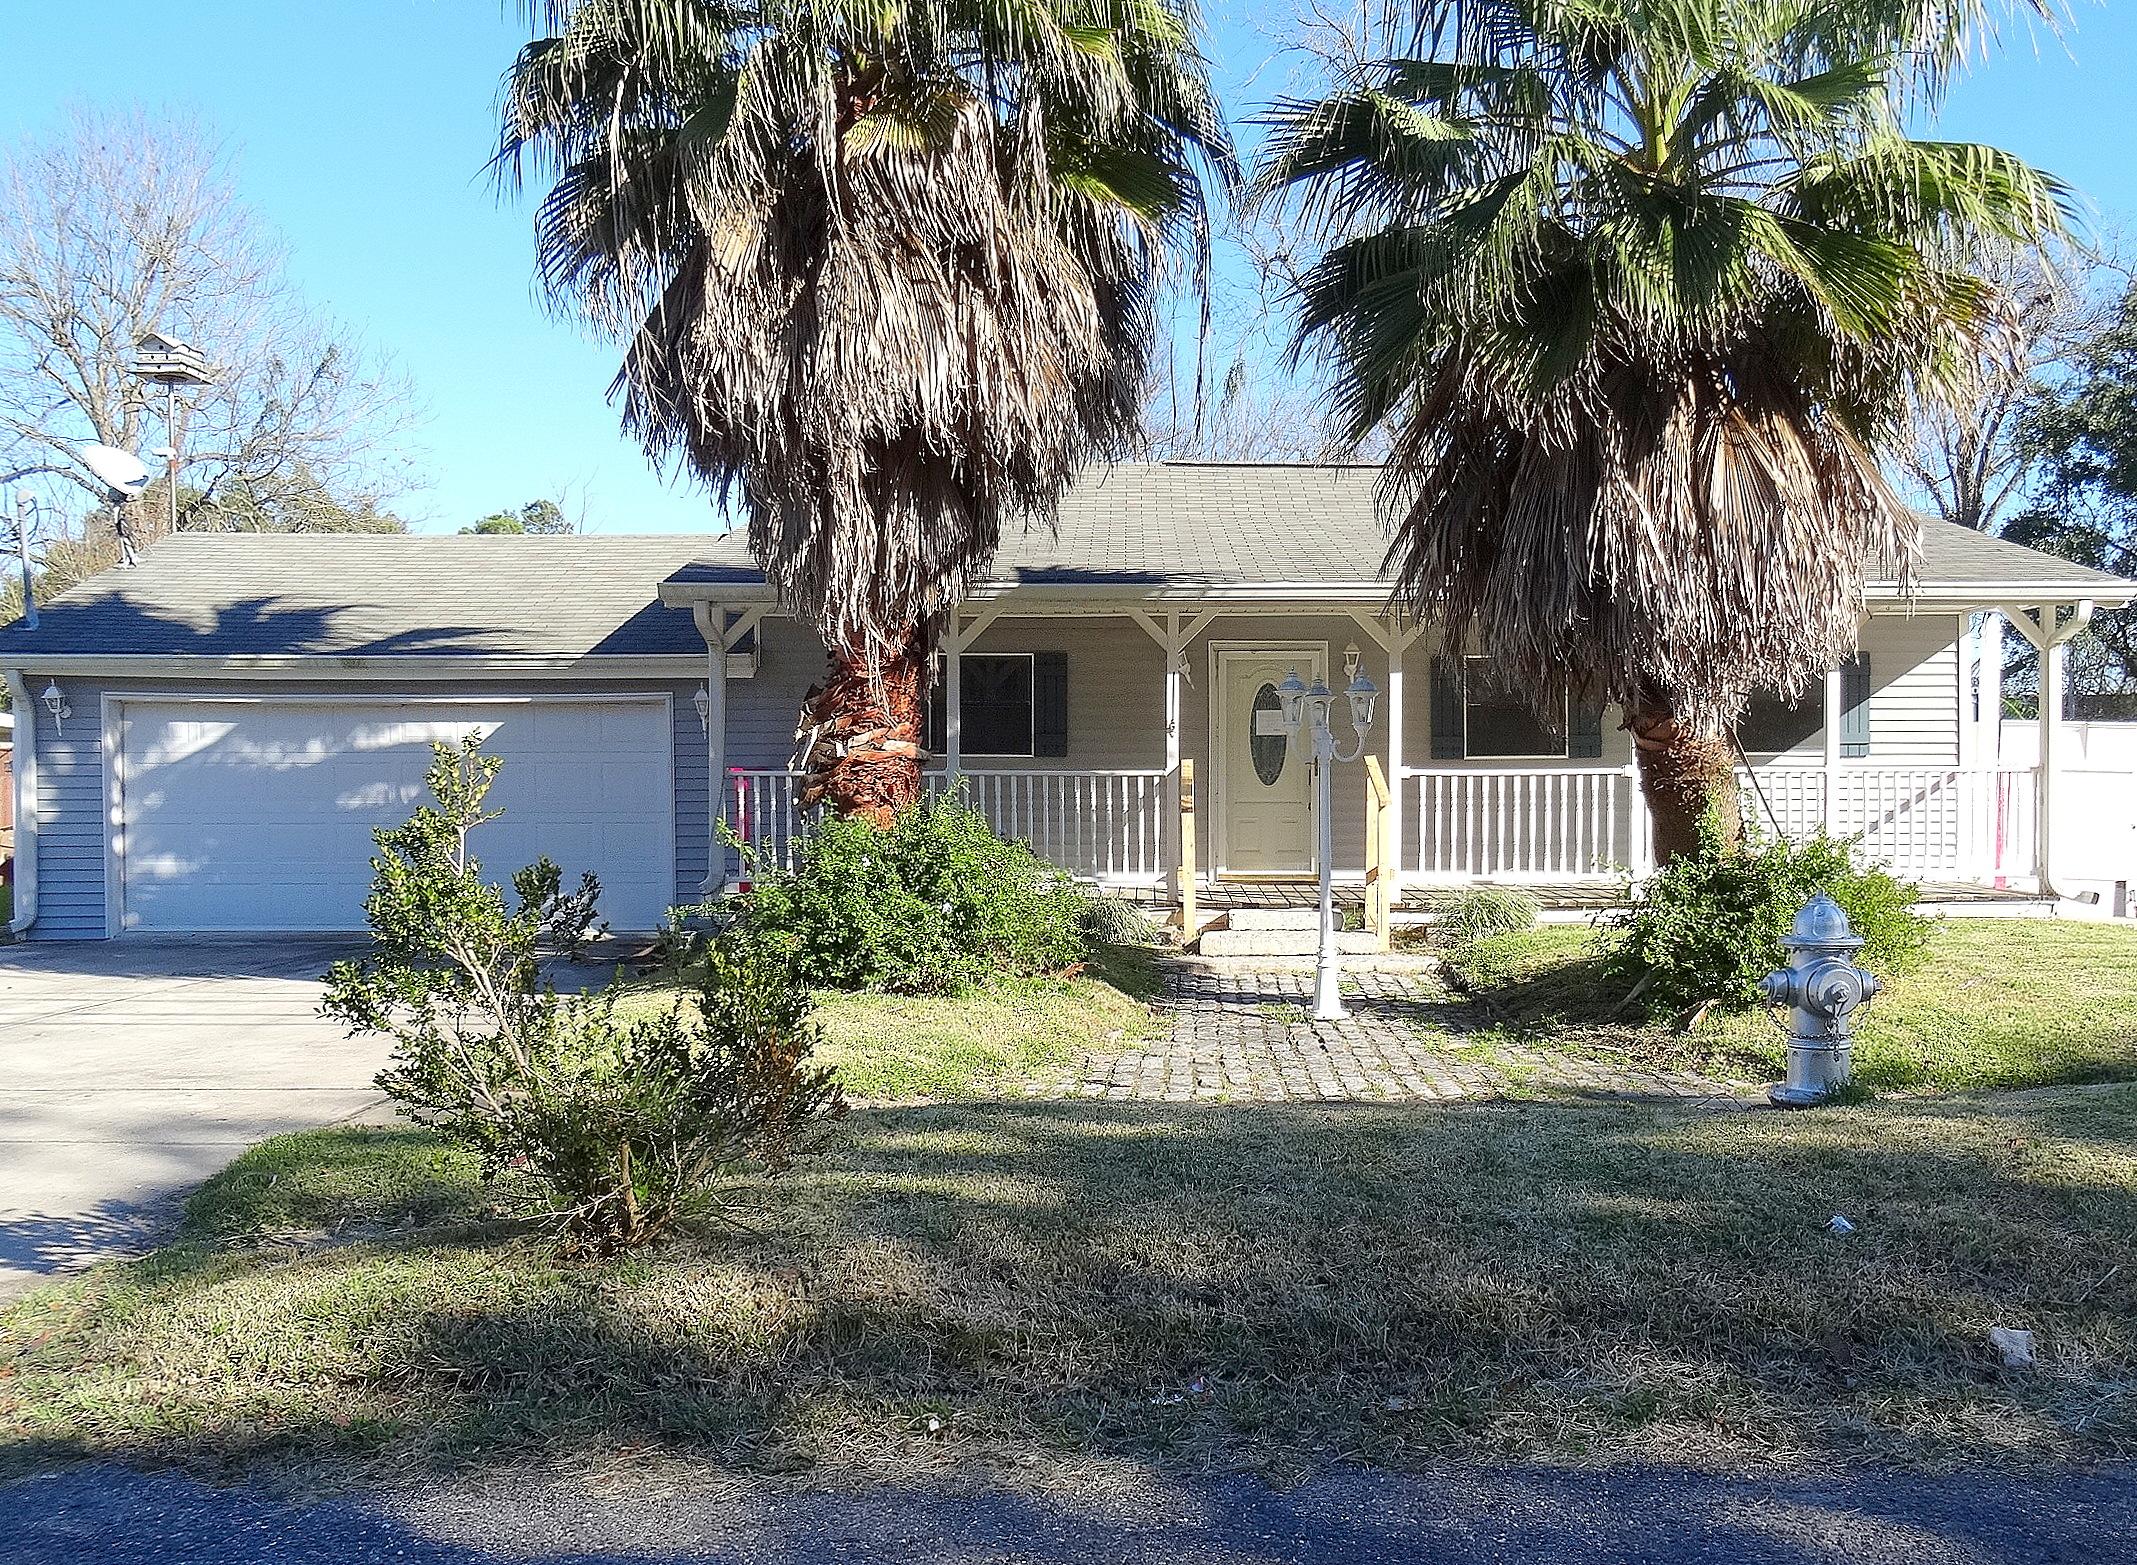 838 Curtis Av, Kenner, Louisiana 70062